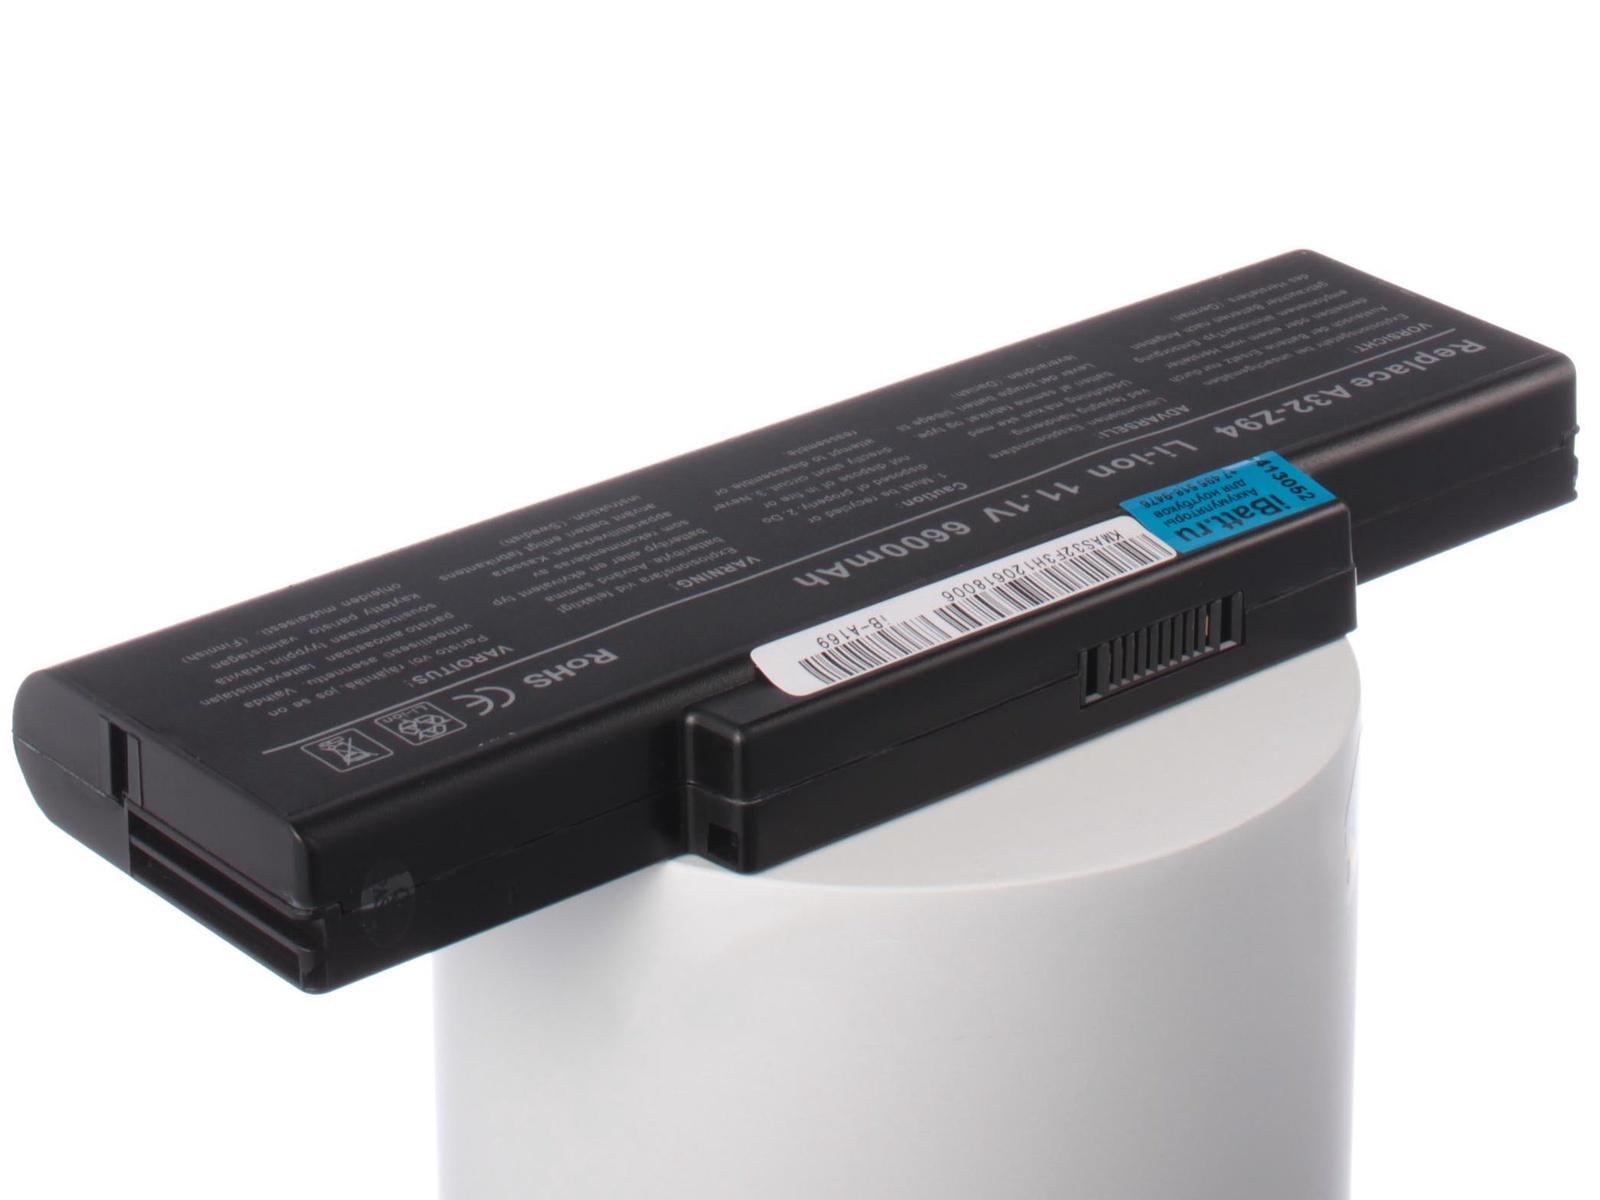 Фото - Аккумулятор для ноутбука iBatt Asus A32-F3, A33-F3, A32-F2, BAT-F3, 90-NI11B1000, 15G10N353630, 70R-NI81B1000 запчасти для двигателя byd f3 f3r g3